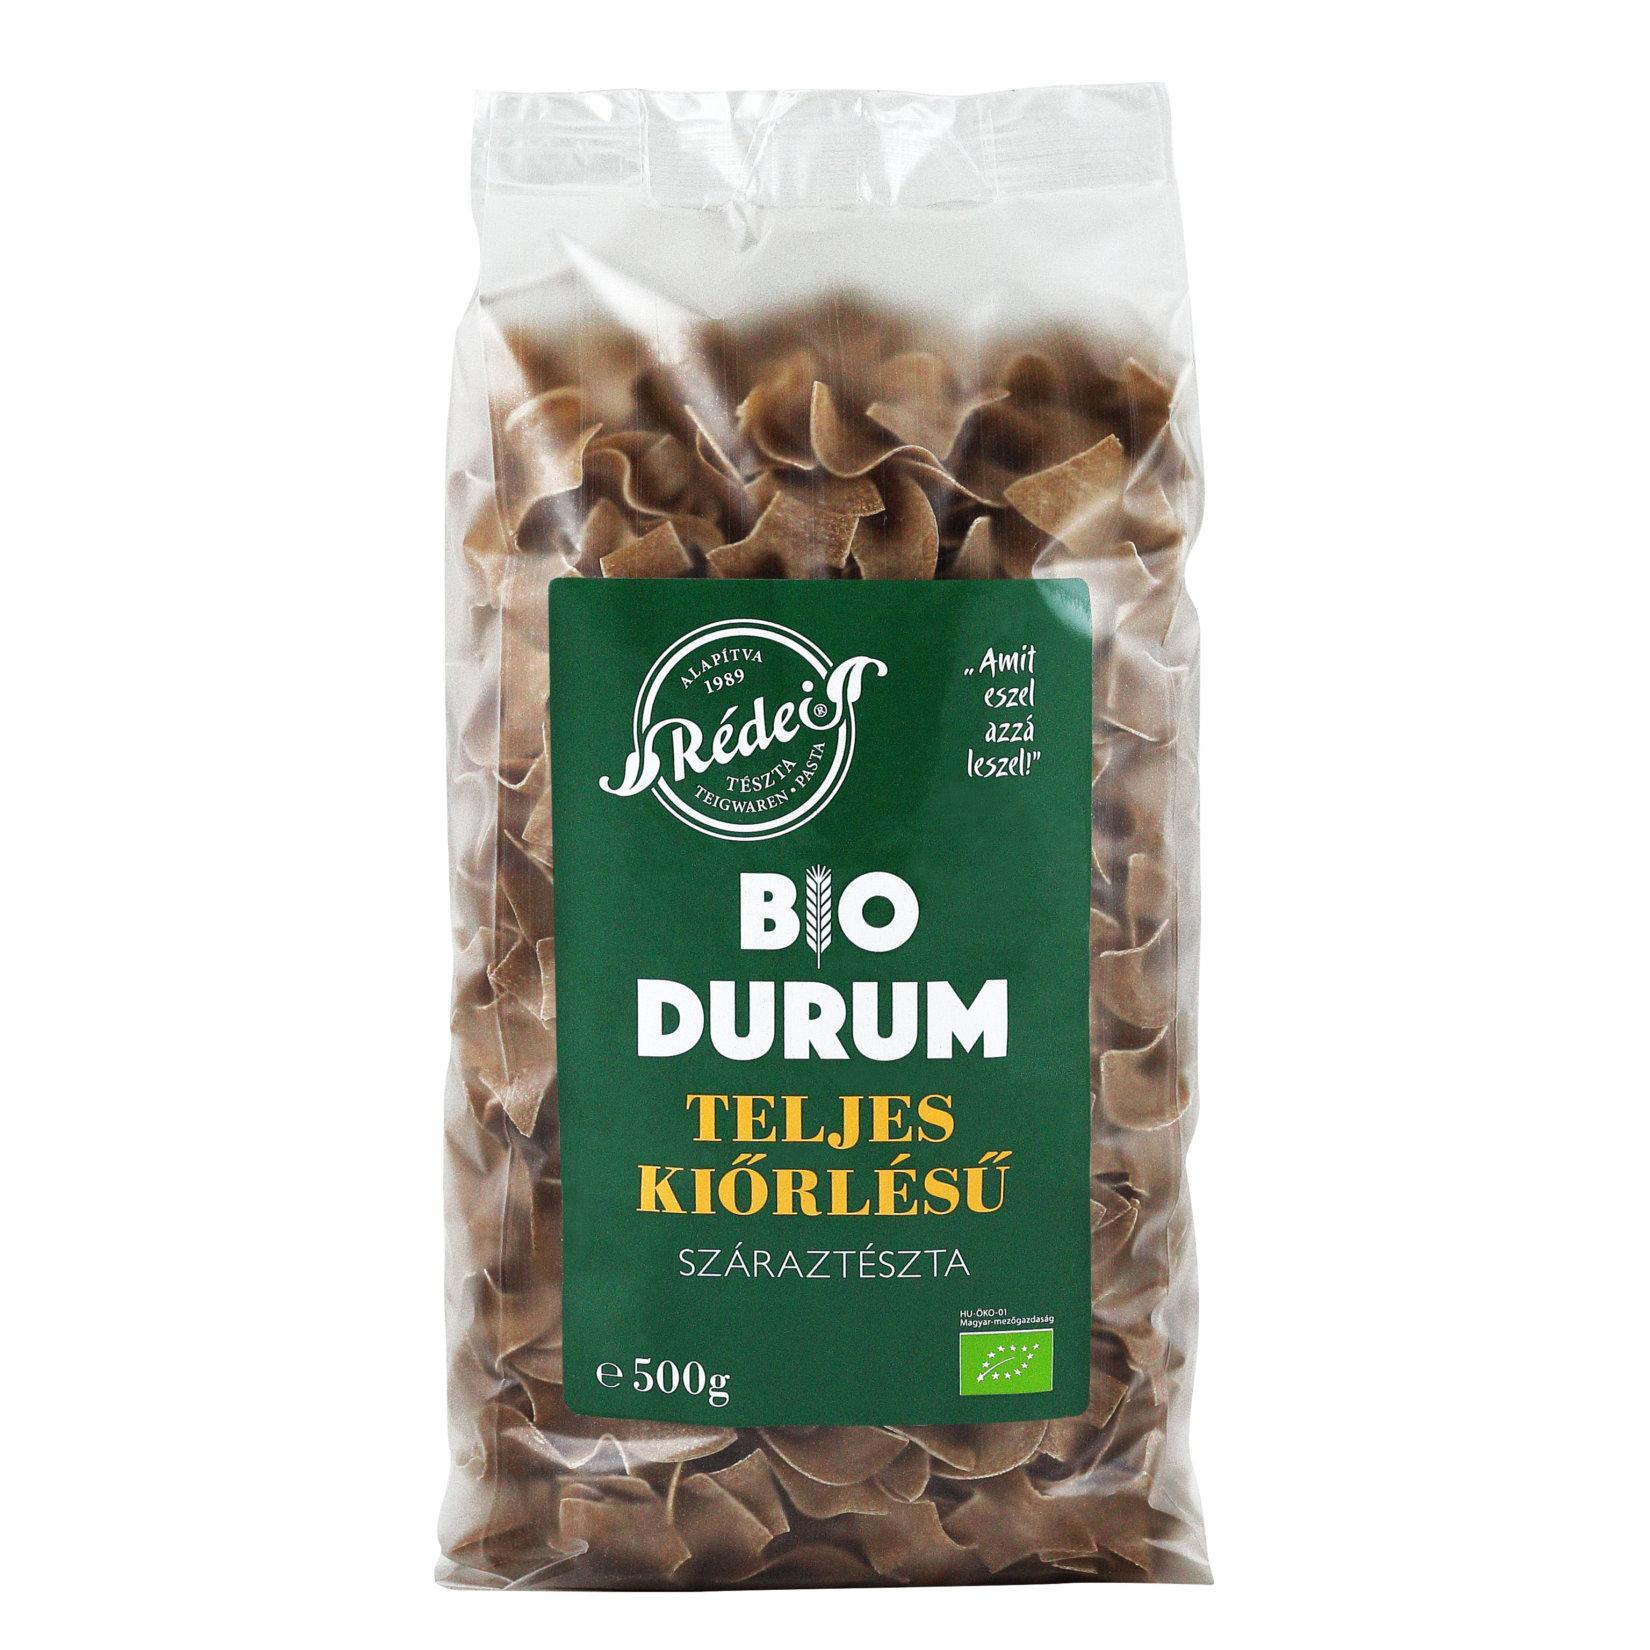 BioDurum_TK_nagykocka_500g_IMG_6989